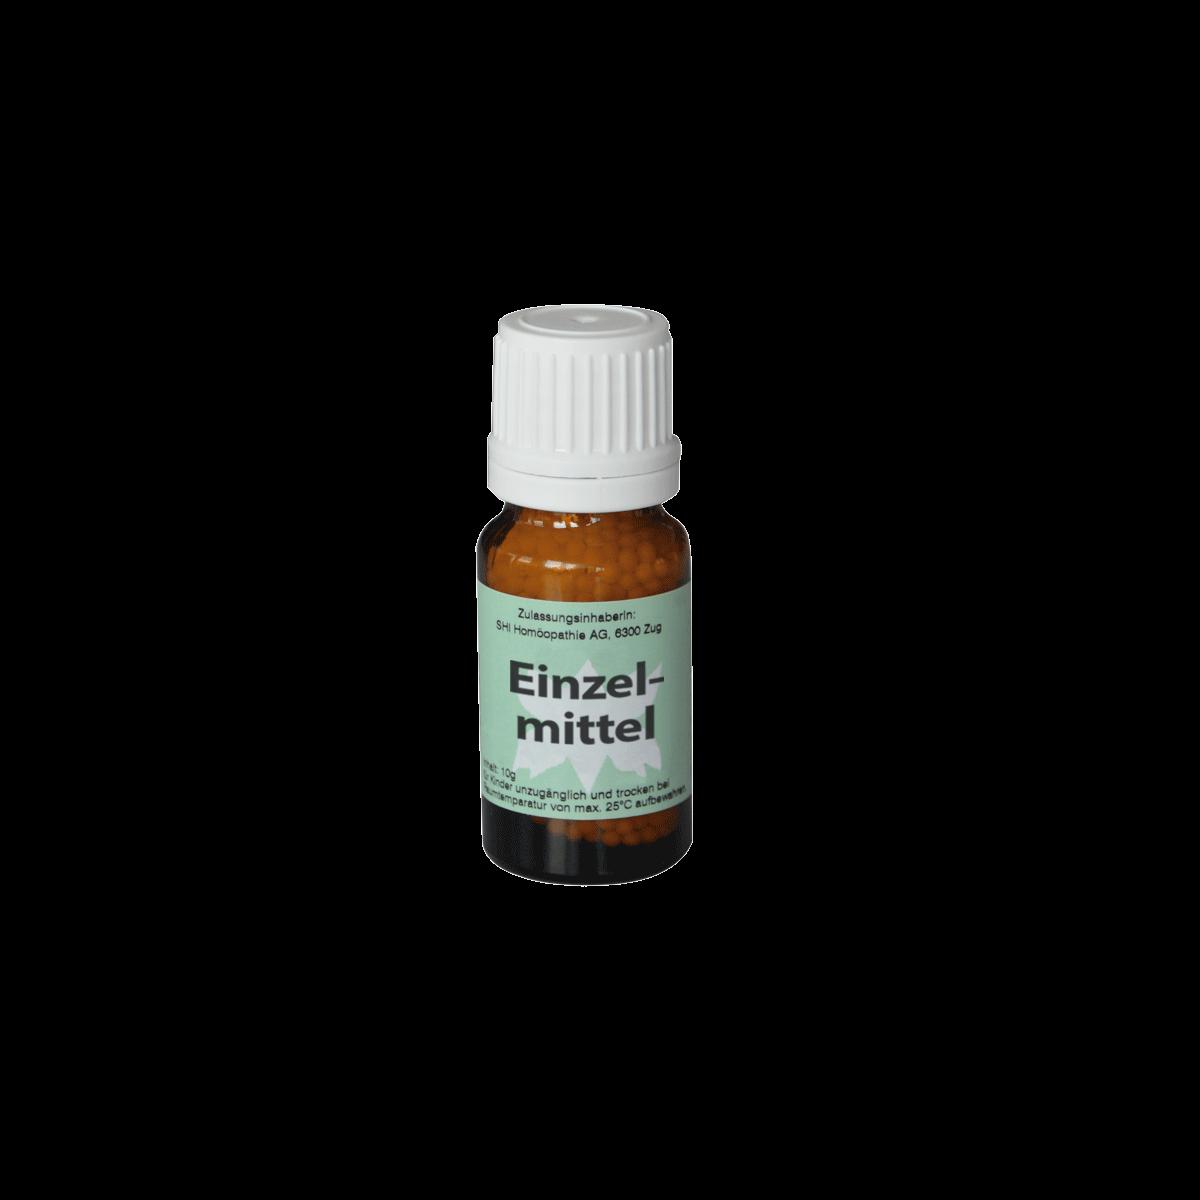 Acidum picricum